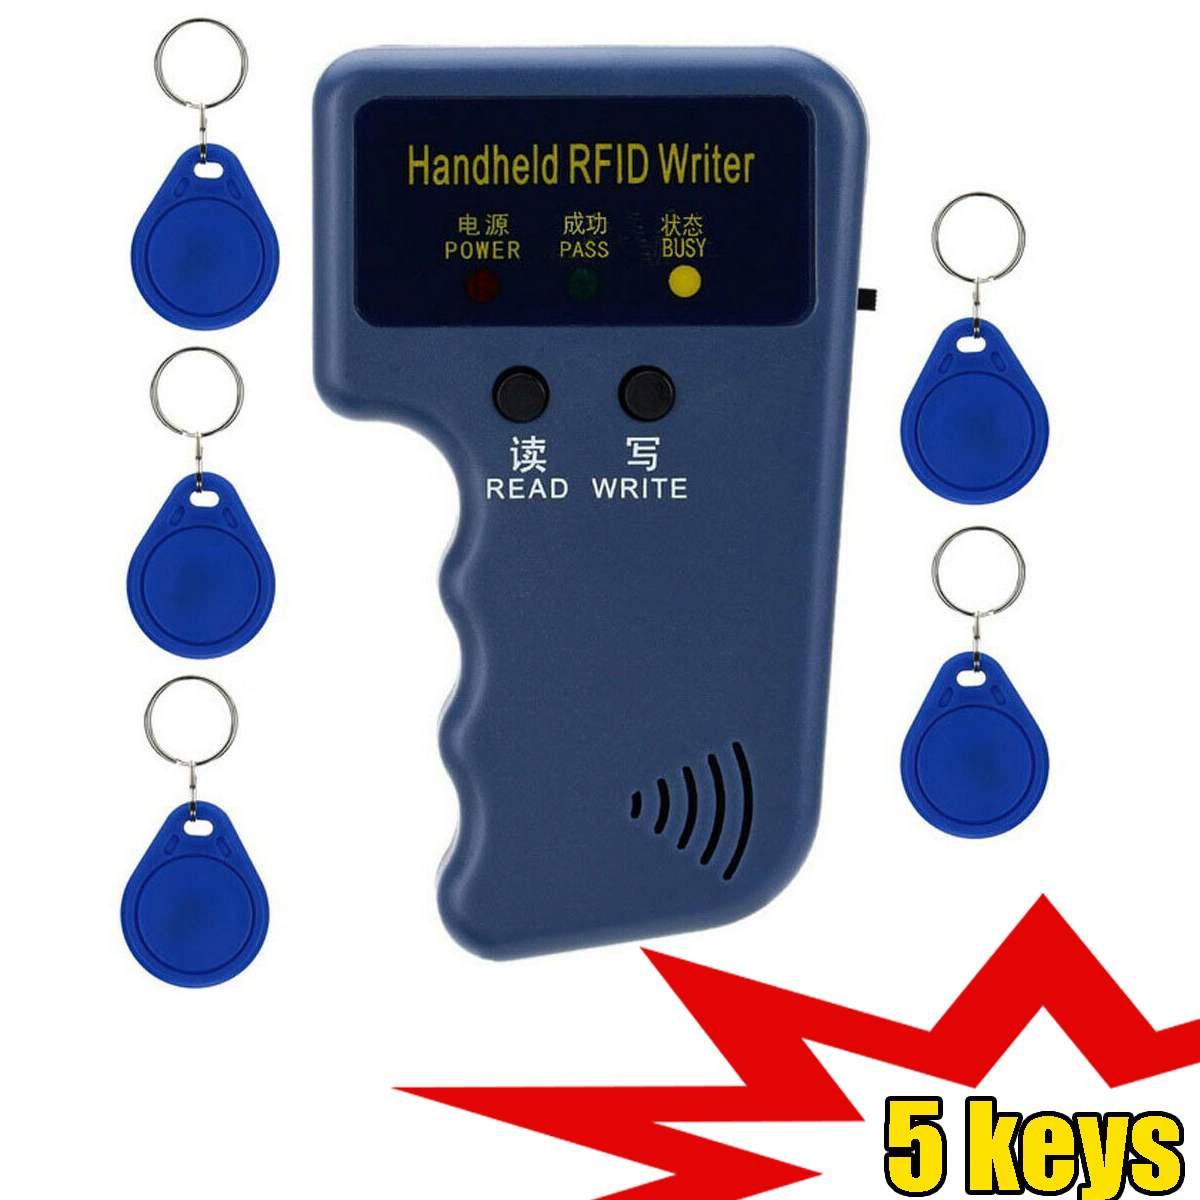 Handheld 125KHz RFID Writer With 5 Keys Copier Writer Programmer Reader EM4100 Or TK4100 Keys EM4100/EM410X Or Compatible Cards